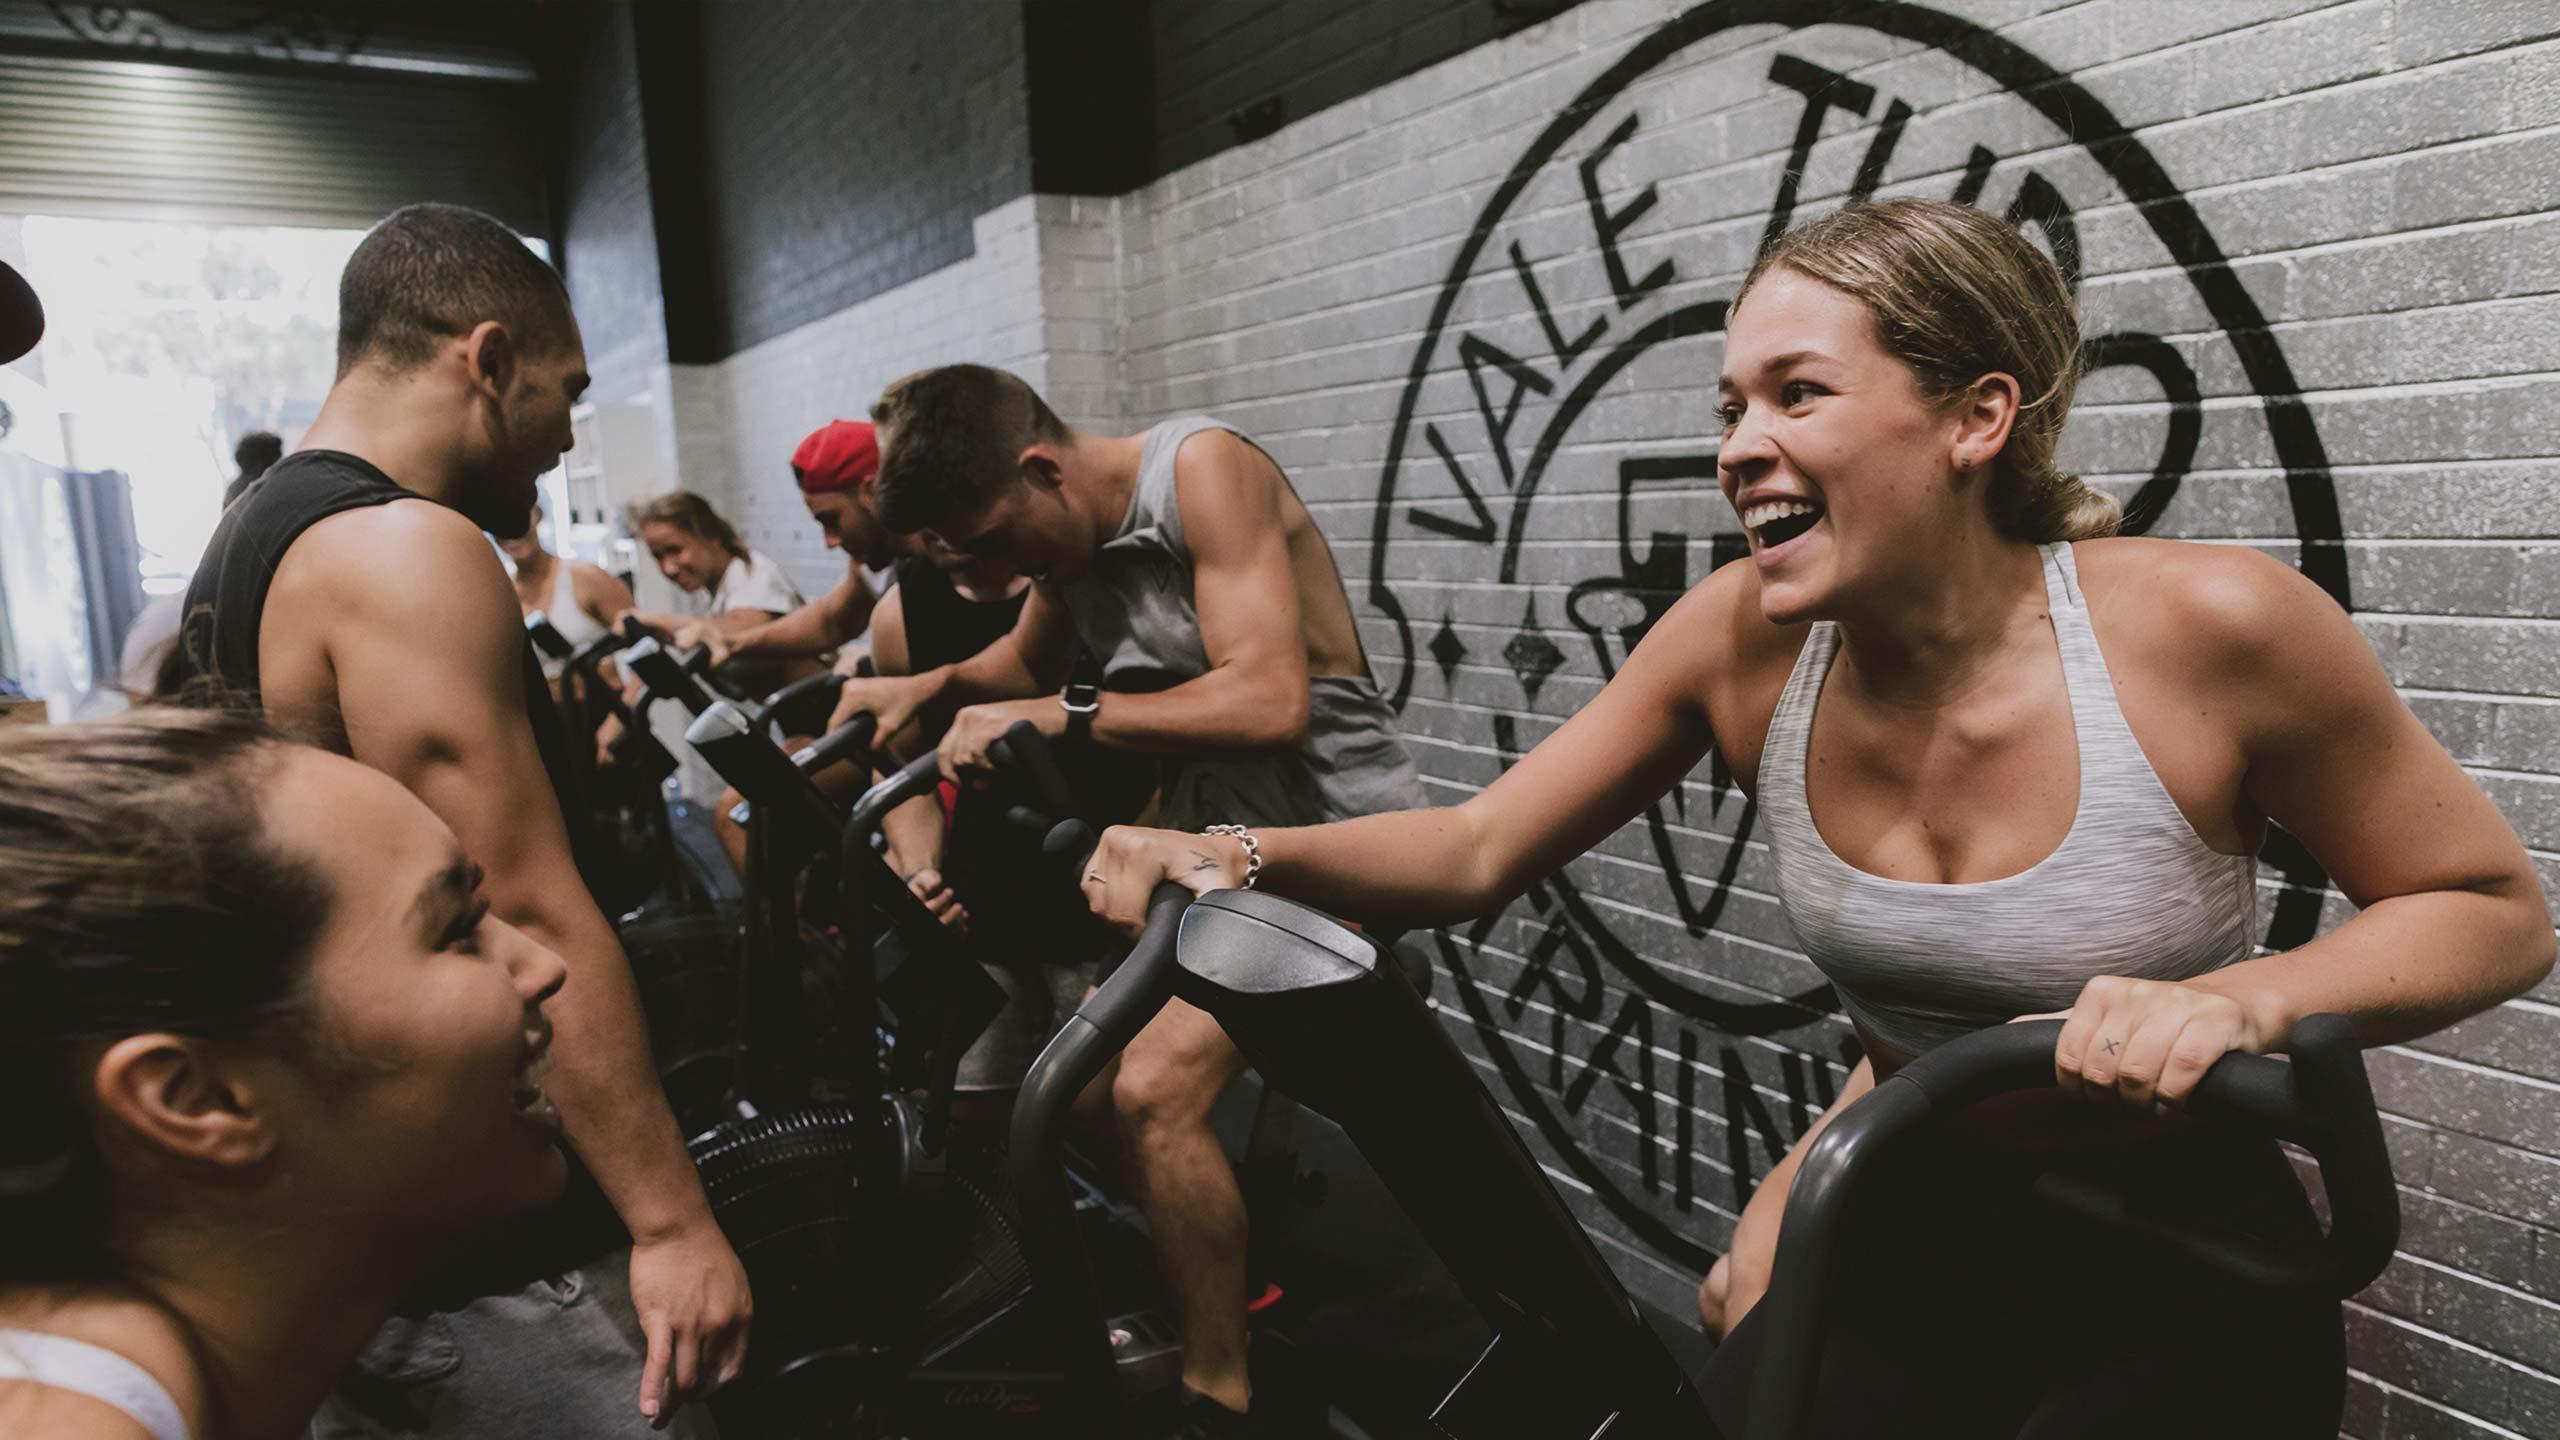 women smiling on crosstrainer in vale tudo unleash program